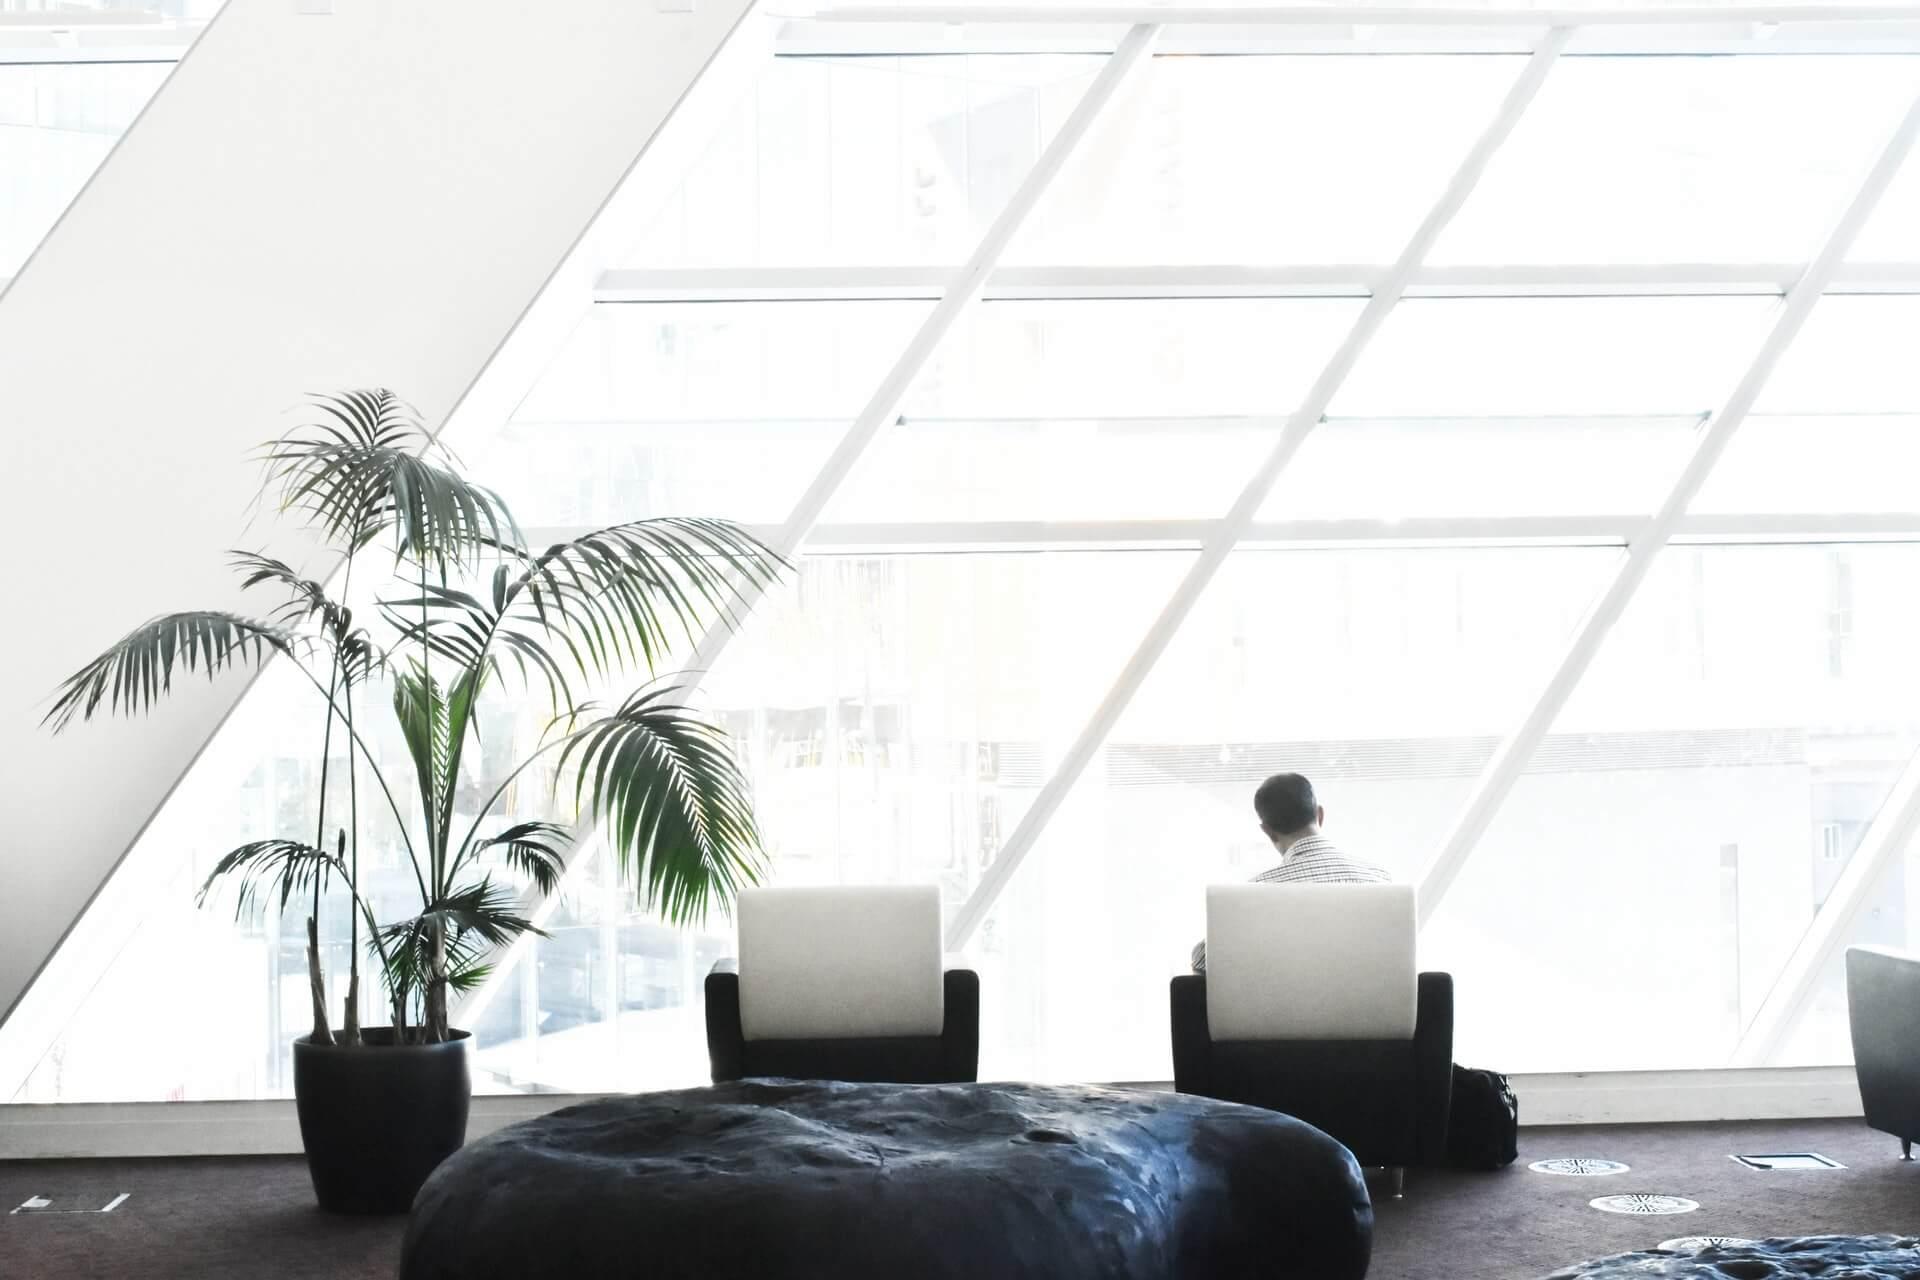 diseño y espacio de una oficina en una nave industrial